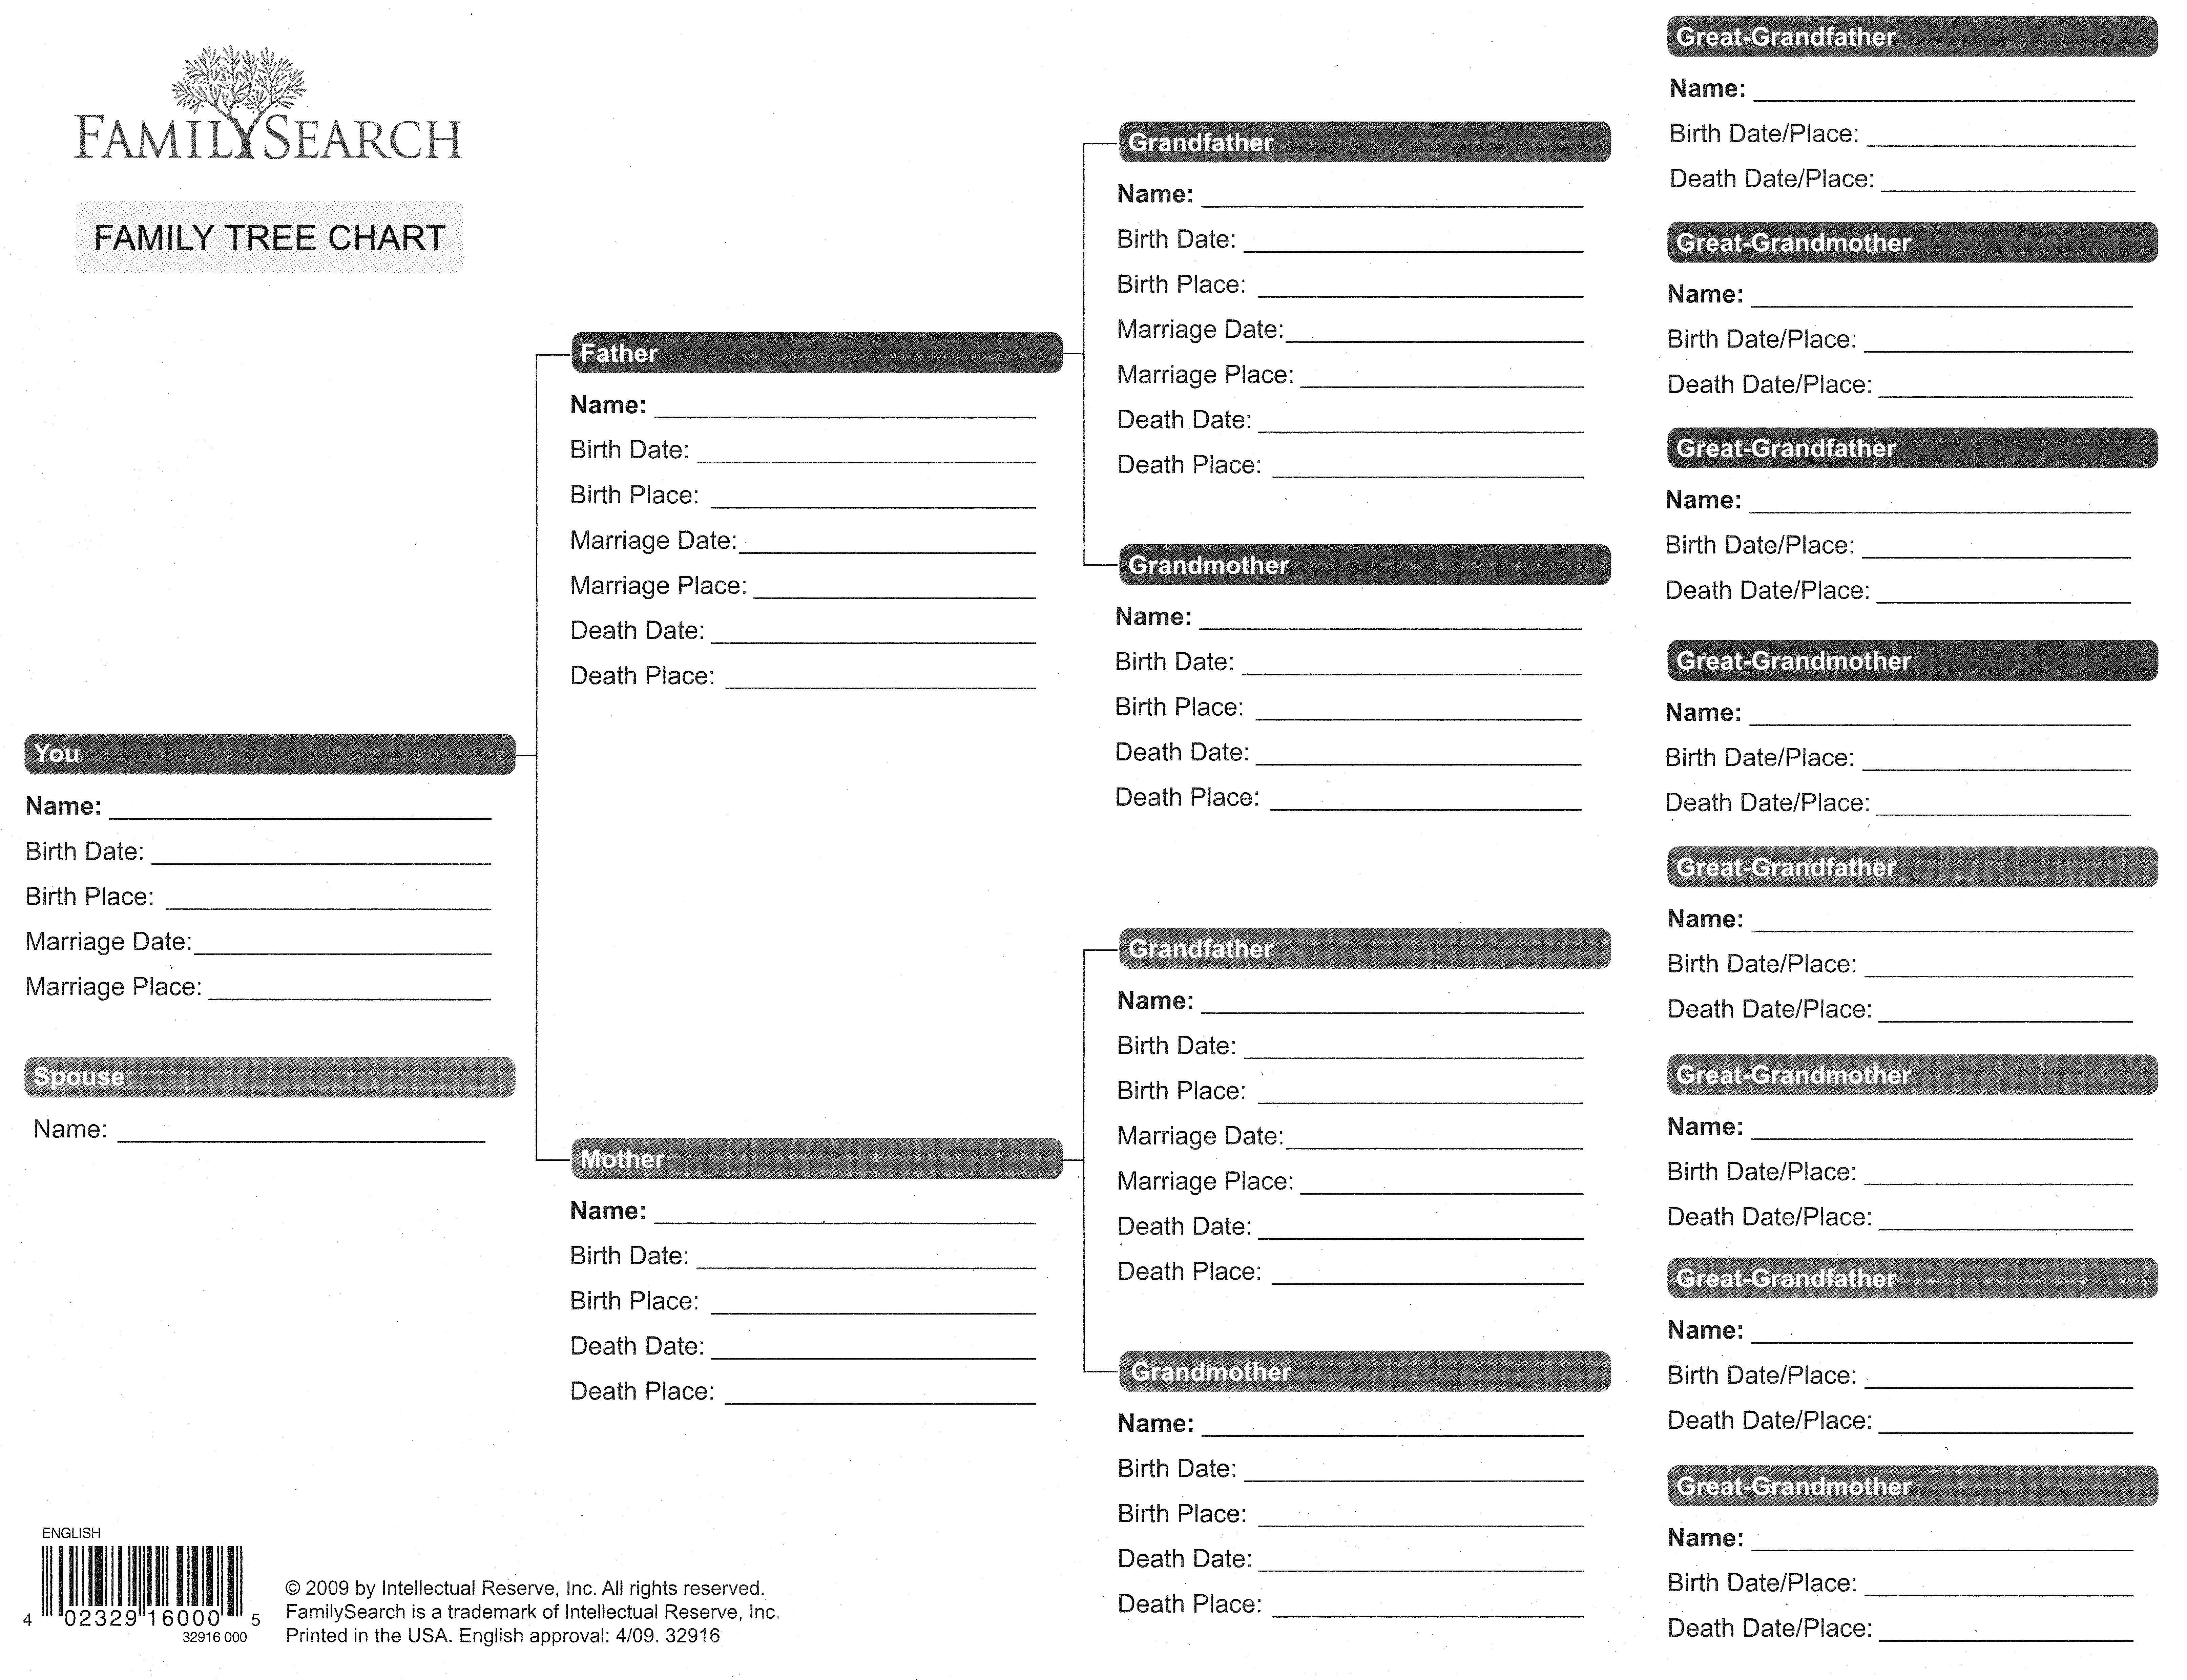 NEW 712 LDS FAMILY HISTORY WORKSHEET | family worksheet |Family History Sheet